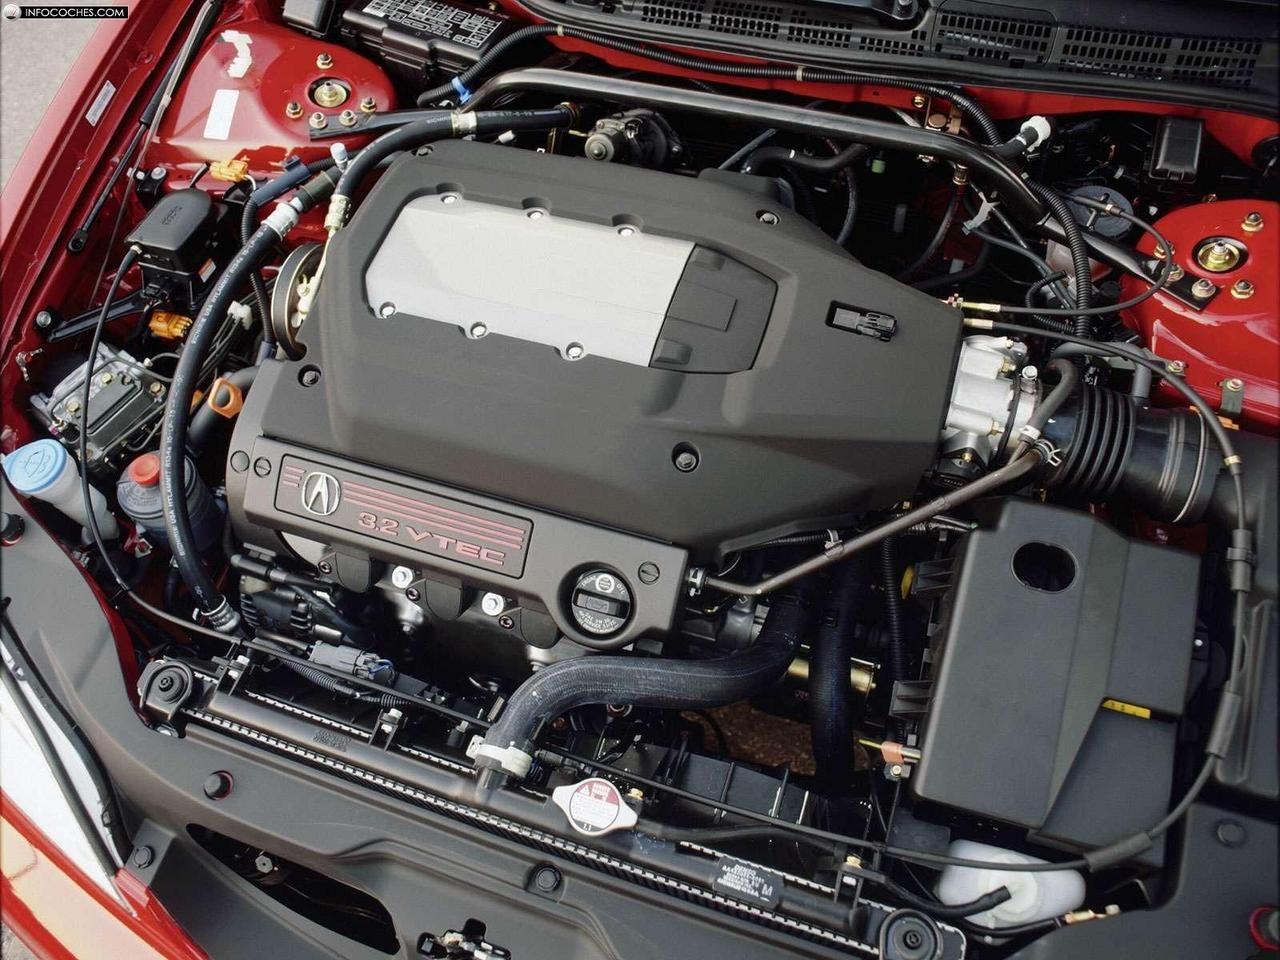 2001 Acura Cl Type S Acura Used Engines Acura Engine